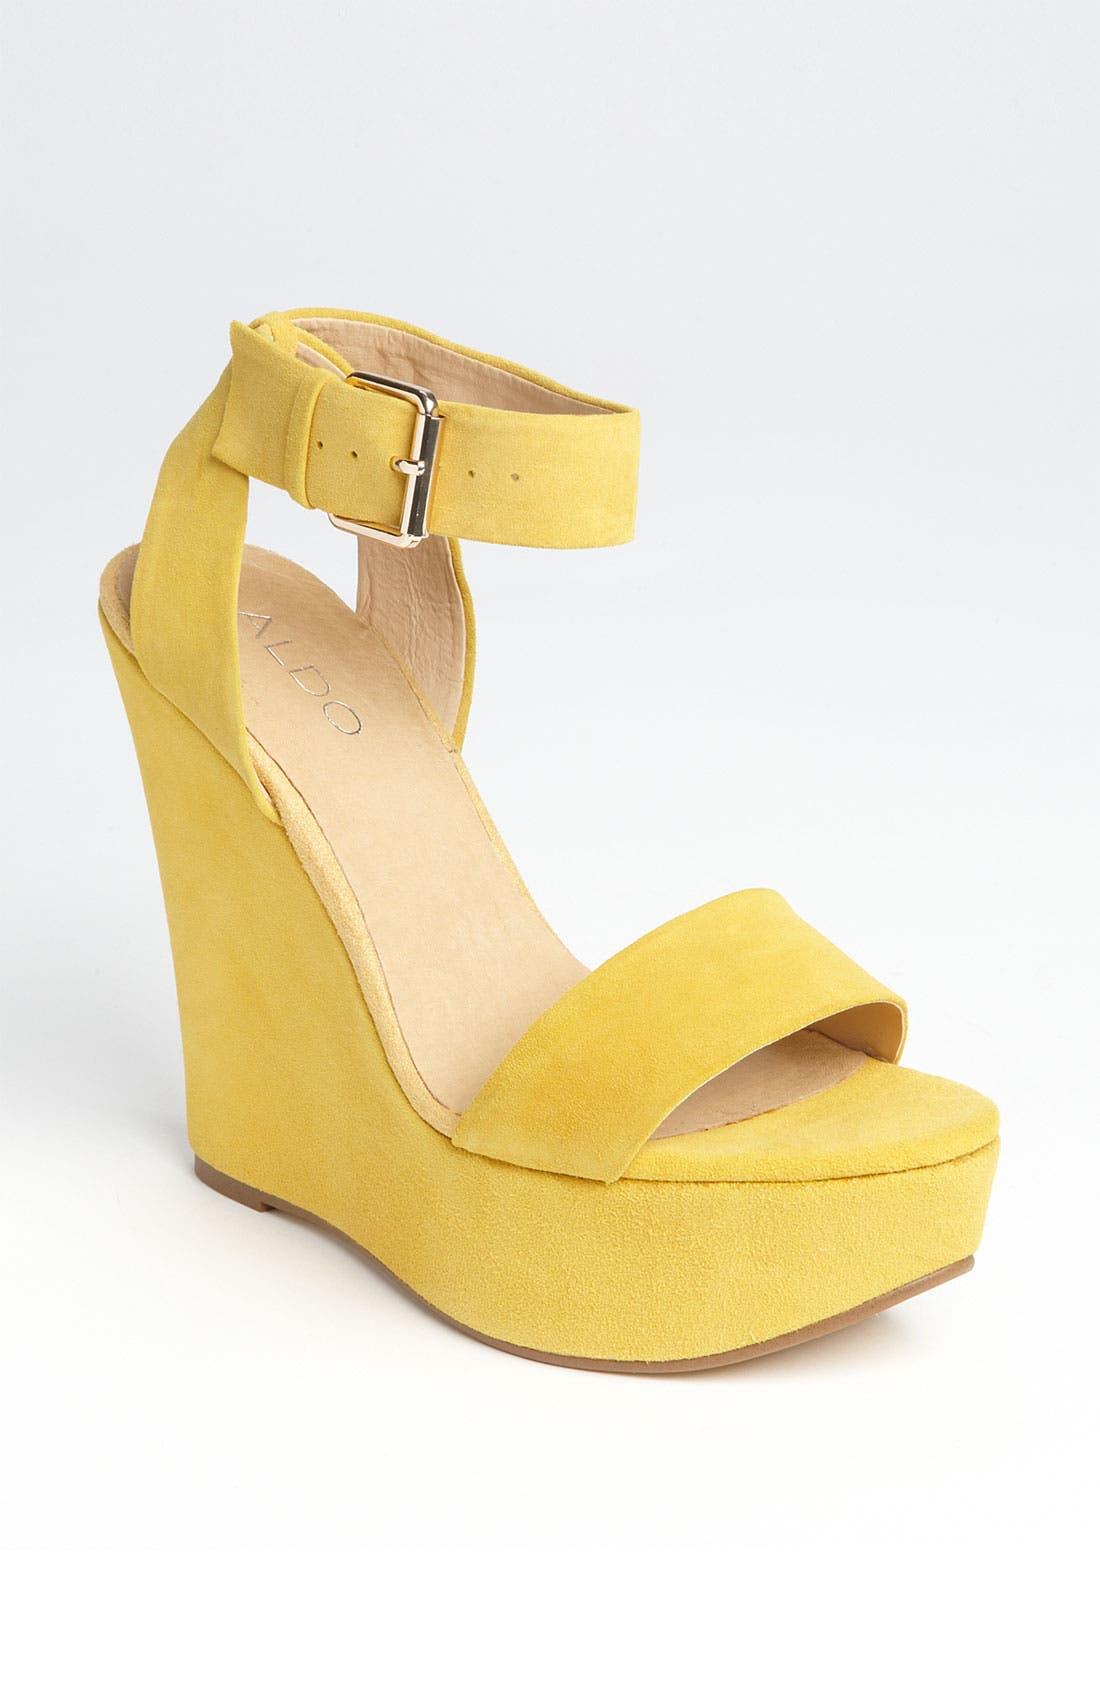 Main Image - ALDO 'Harvat' Platform Sandal